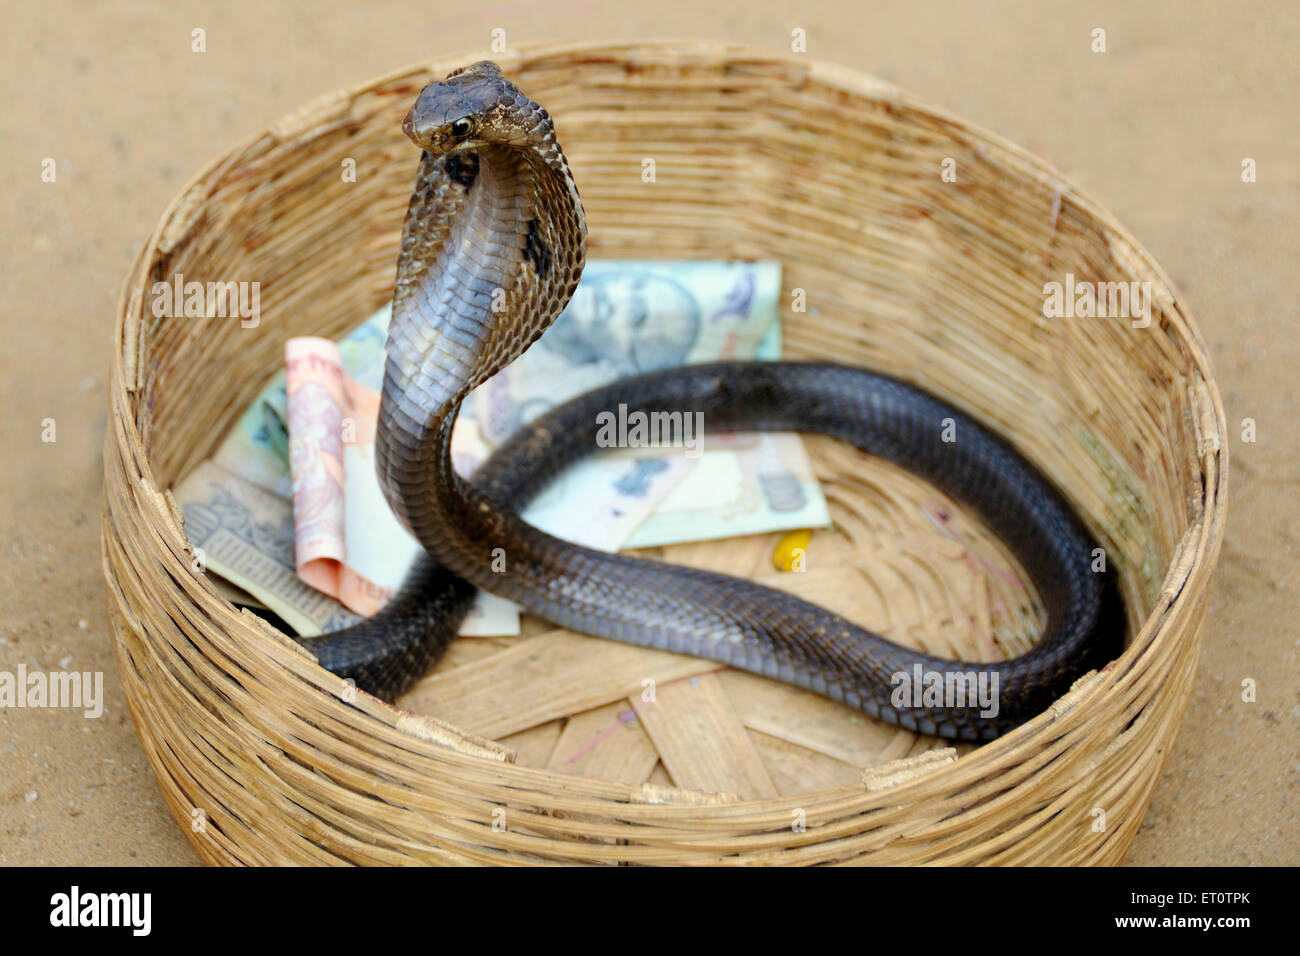 Cobra snake en una cesta con dinero ; ; Rajasthan India Foto de stock